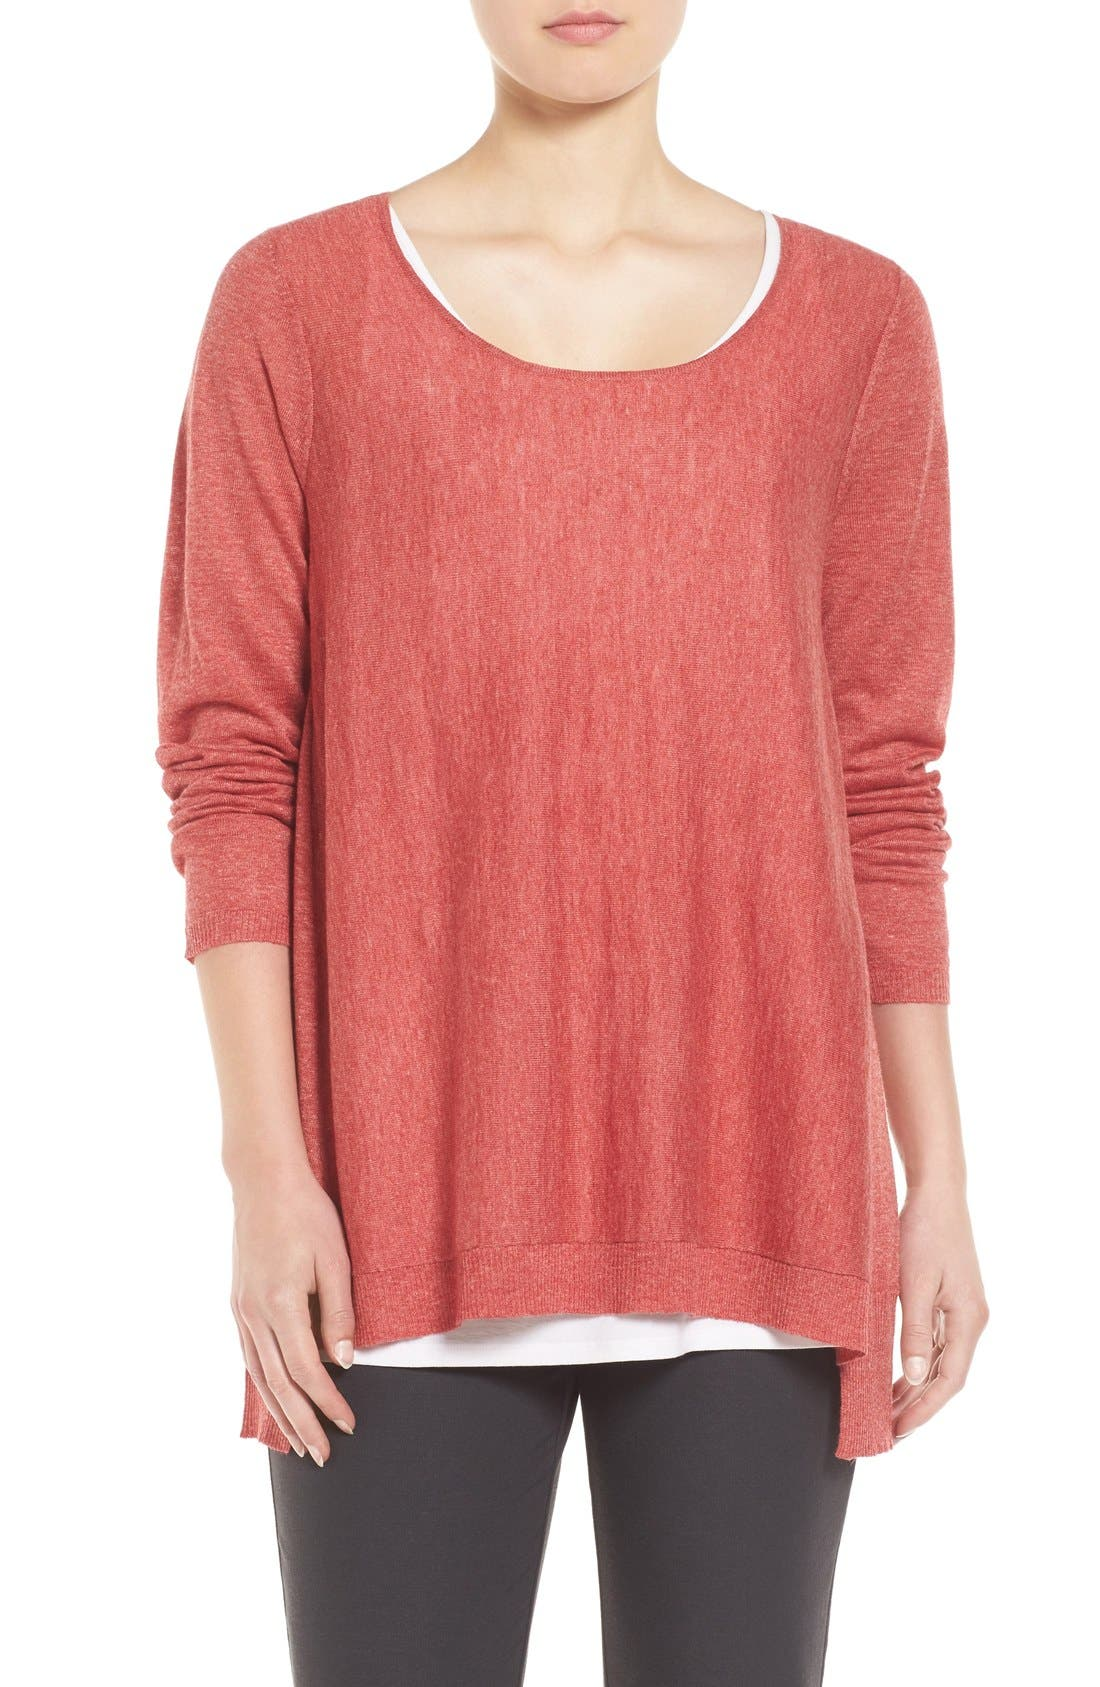 Main Image - Eileen Fisher Scoop Neck Sweater (Regular & Petite)